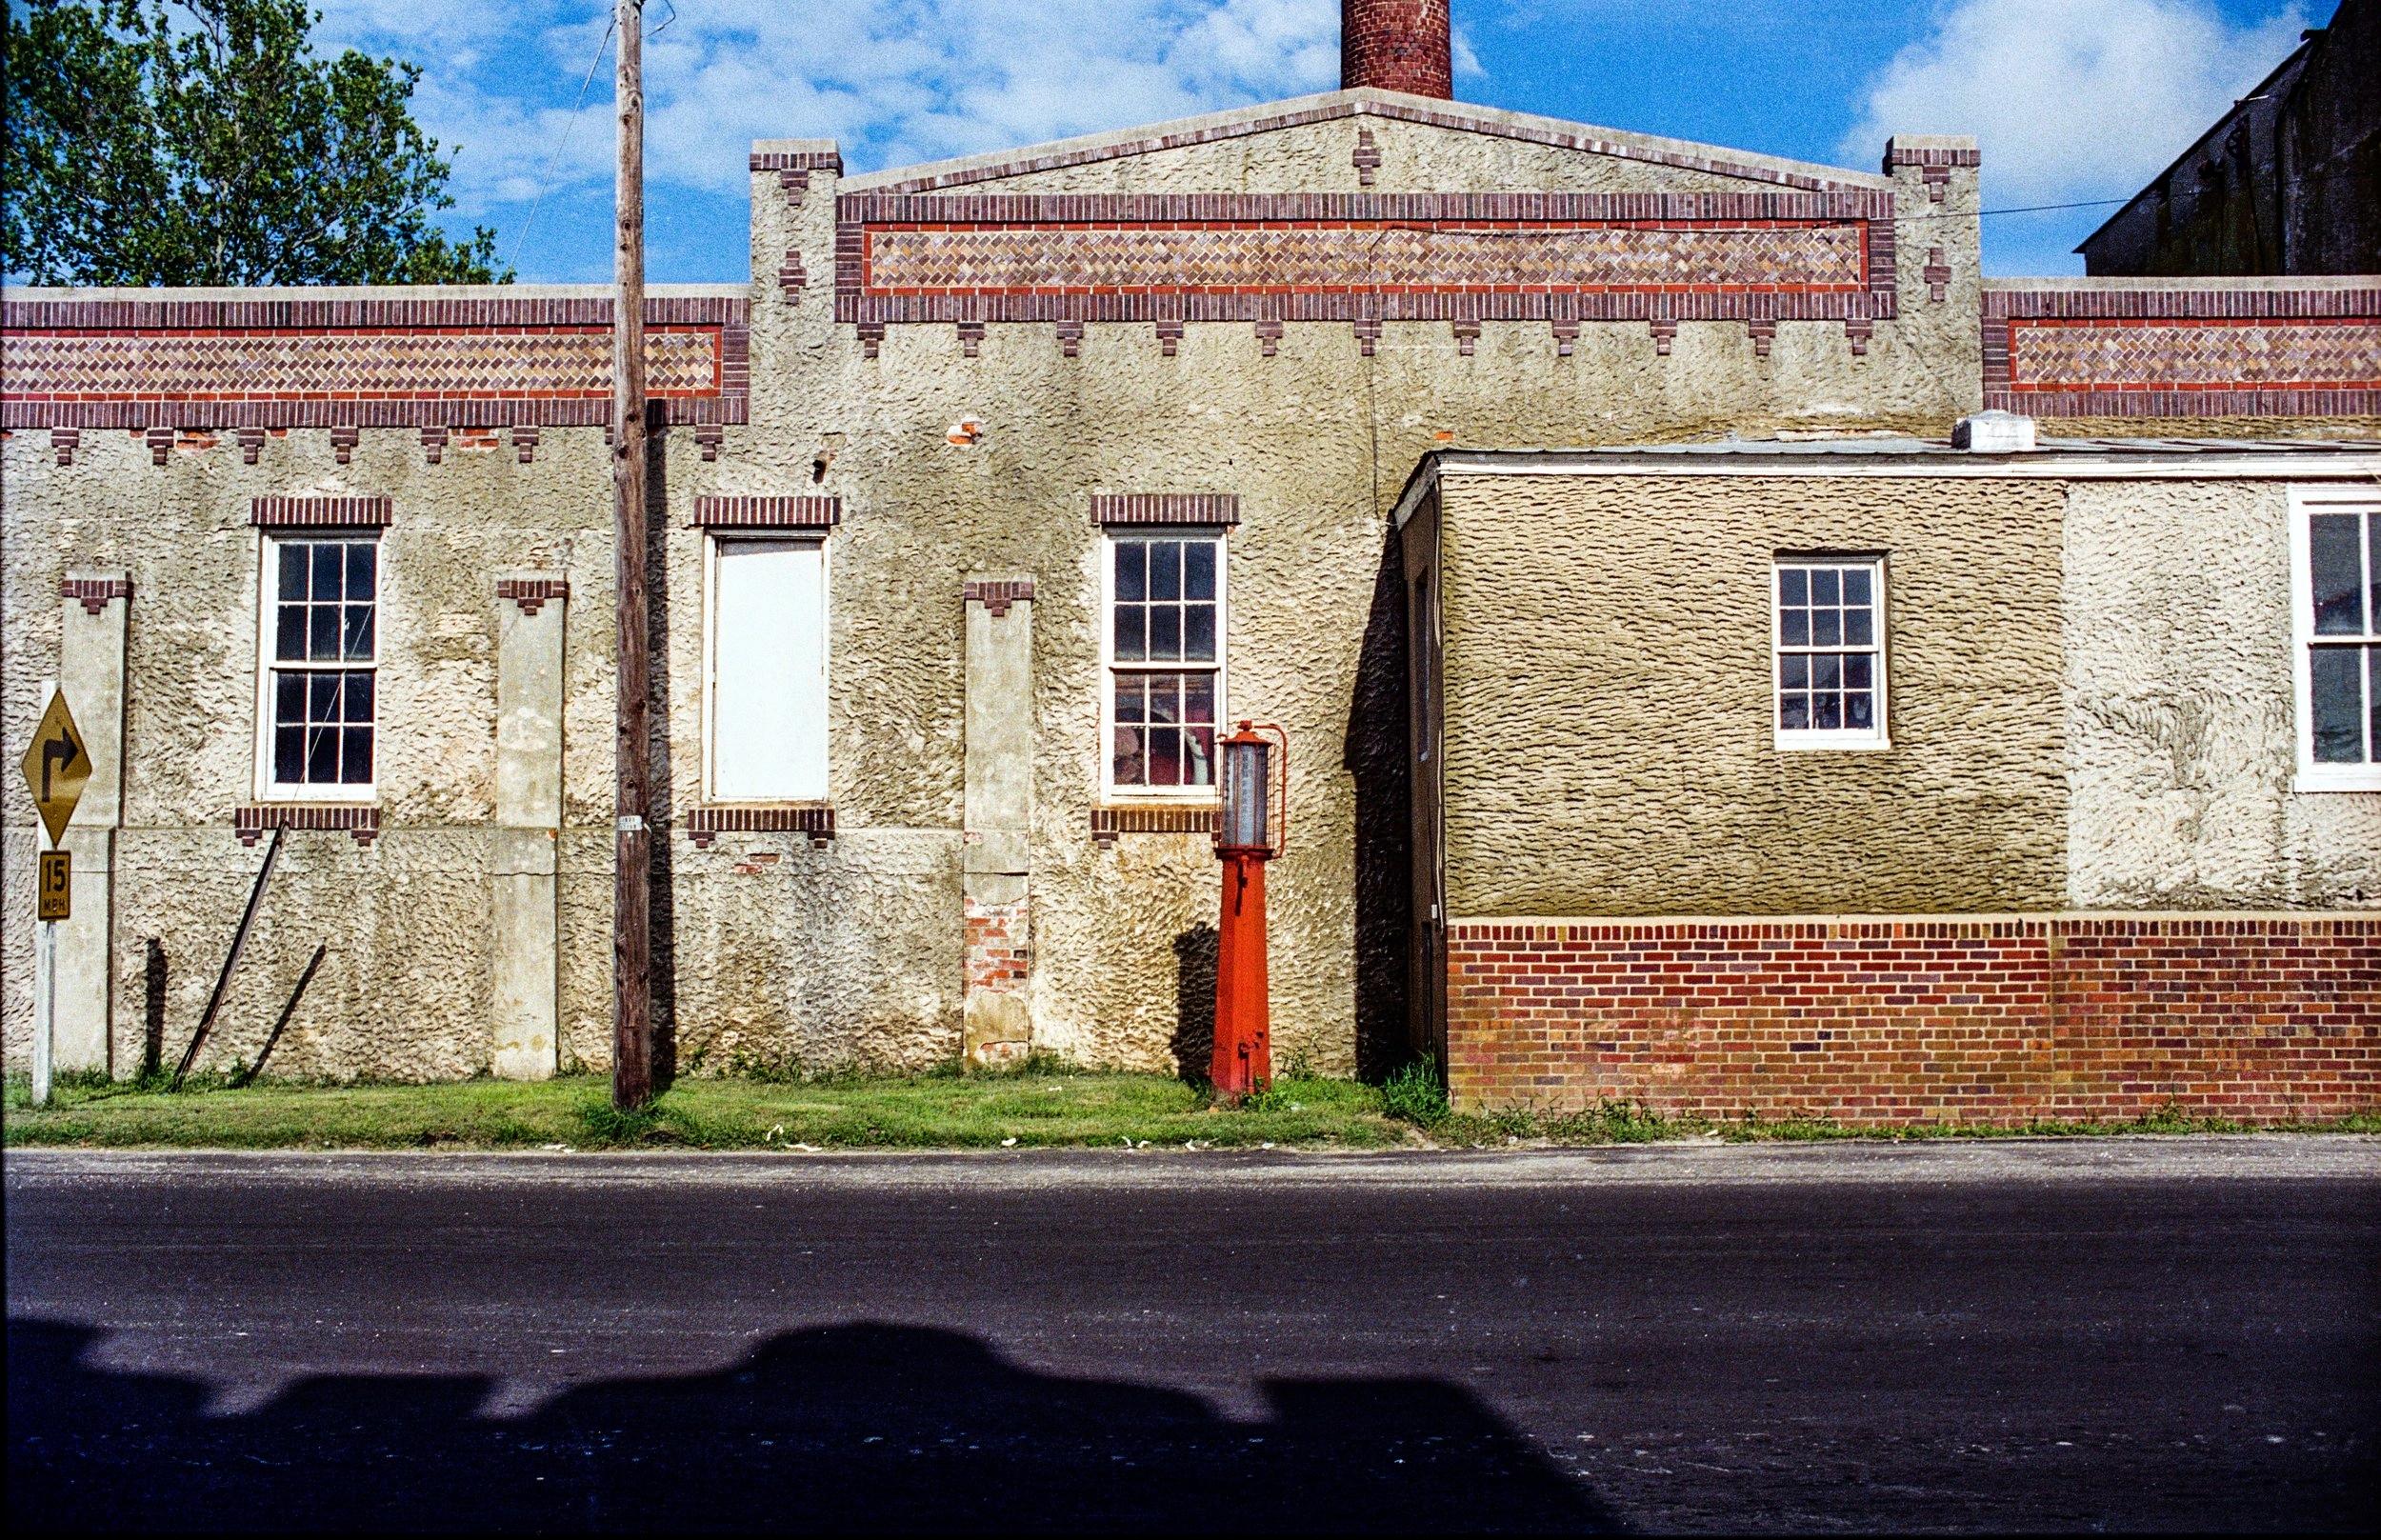 brickbuilding.jpg